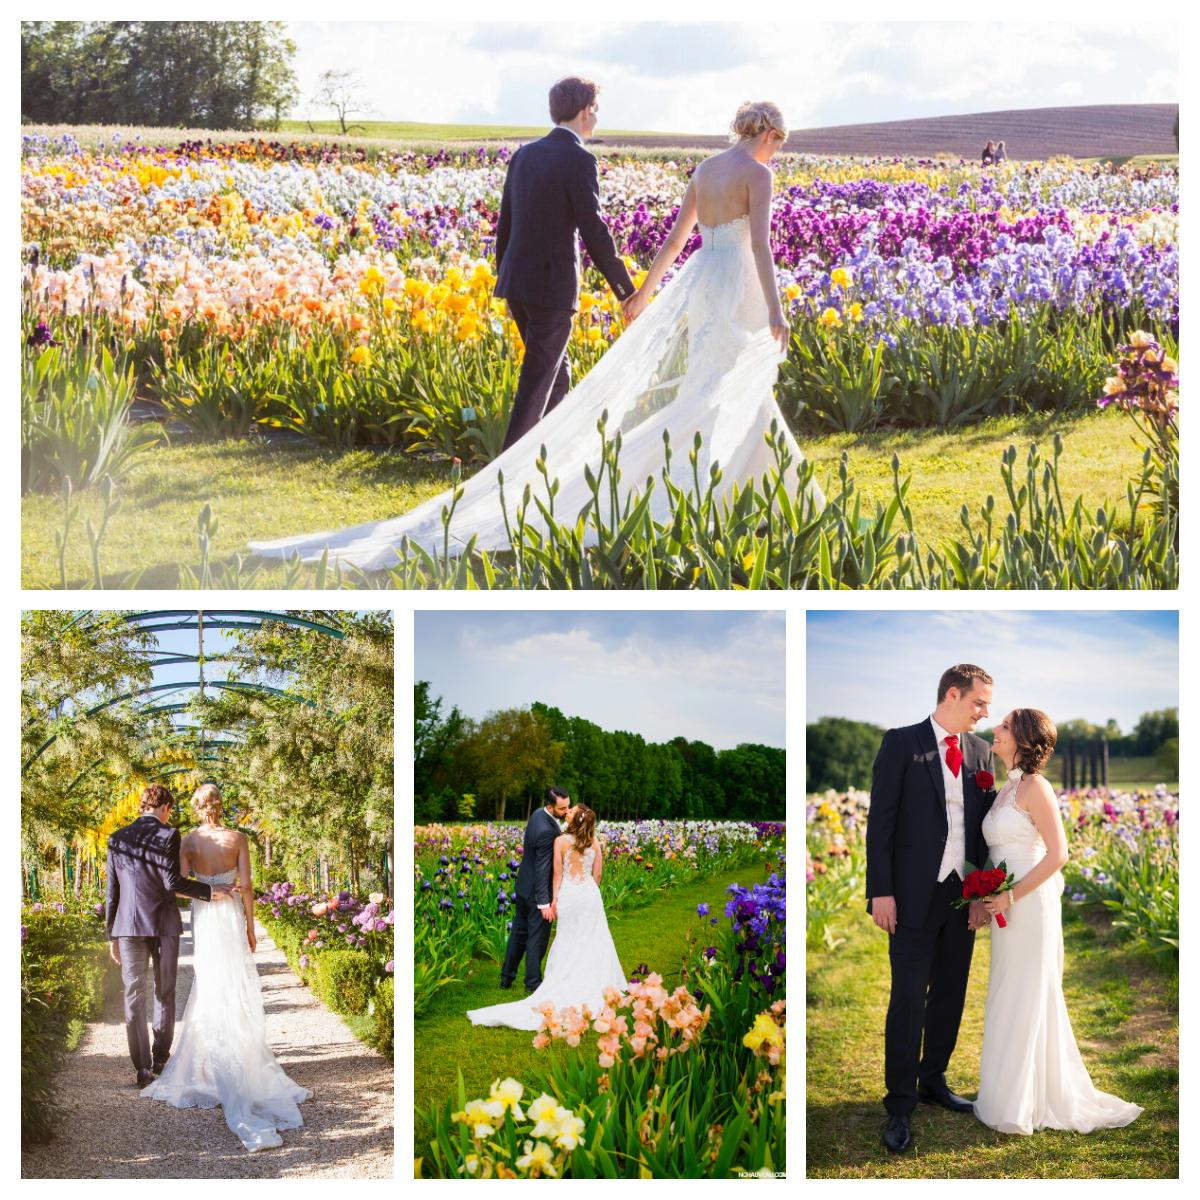 Unknown 1 1 - Au printemps - Parez votre mariage de mille et une couleurs